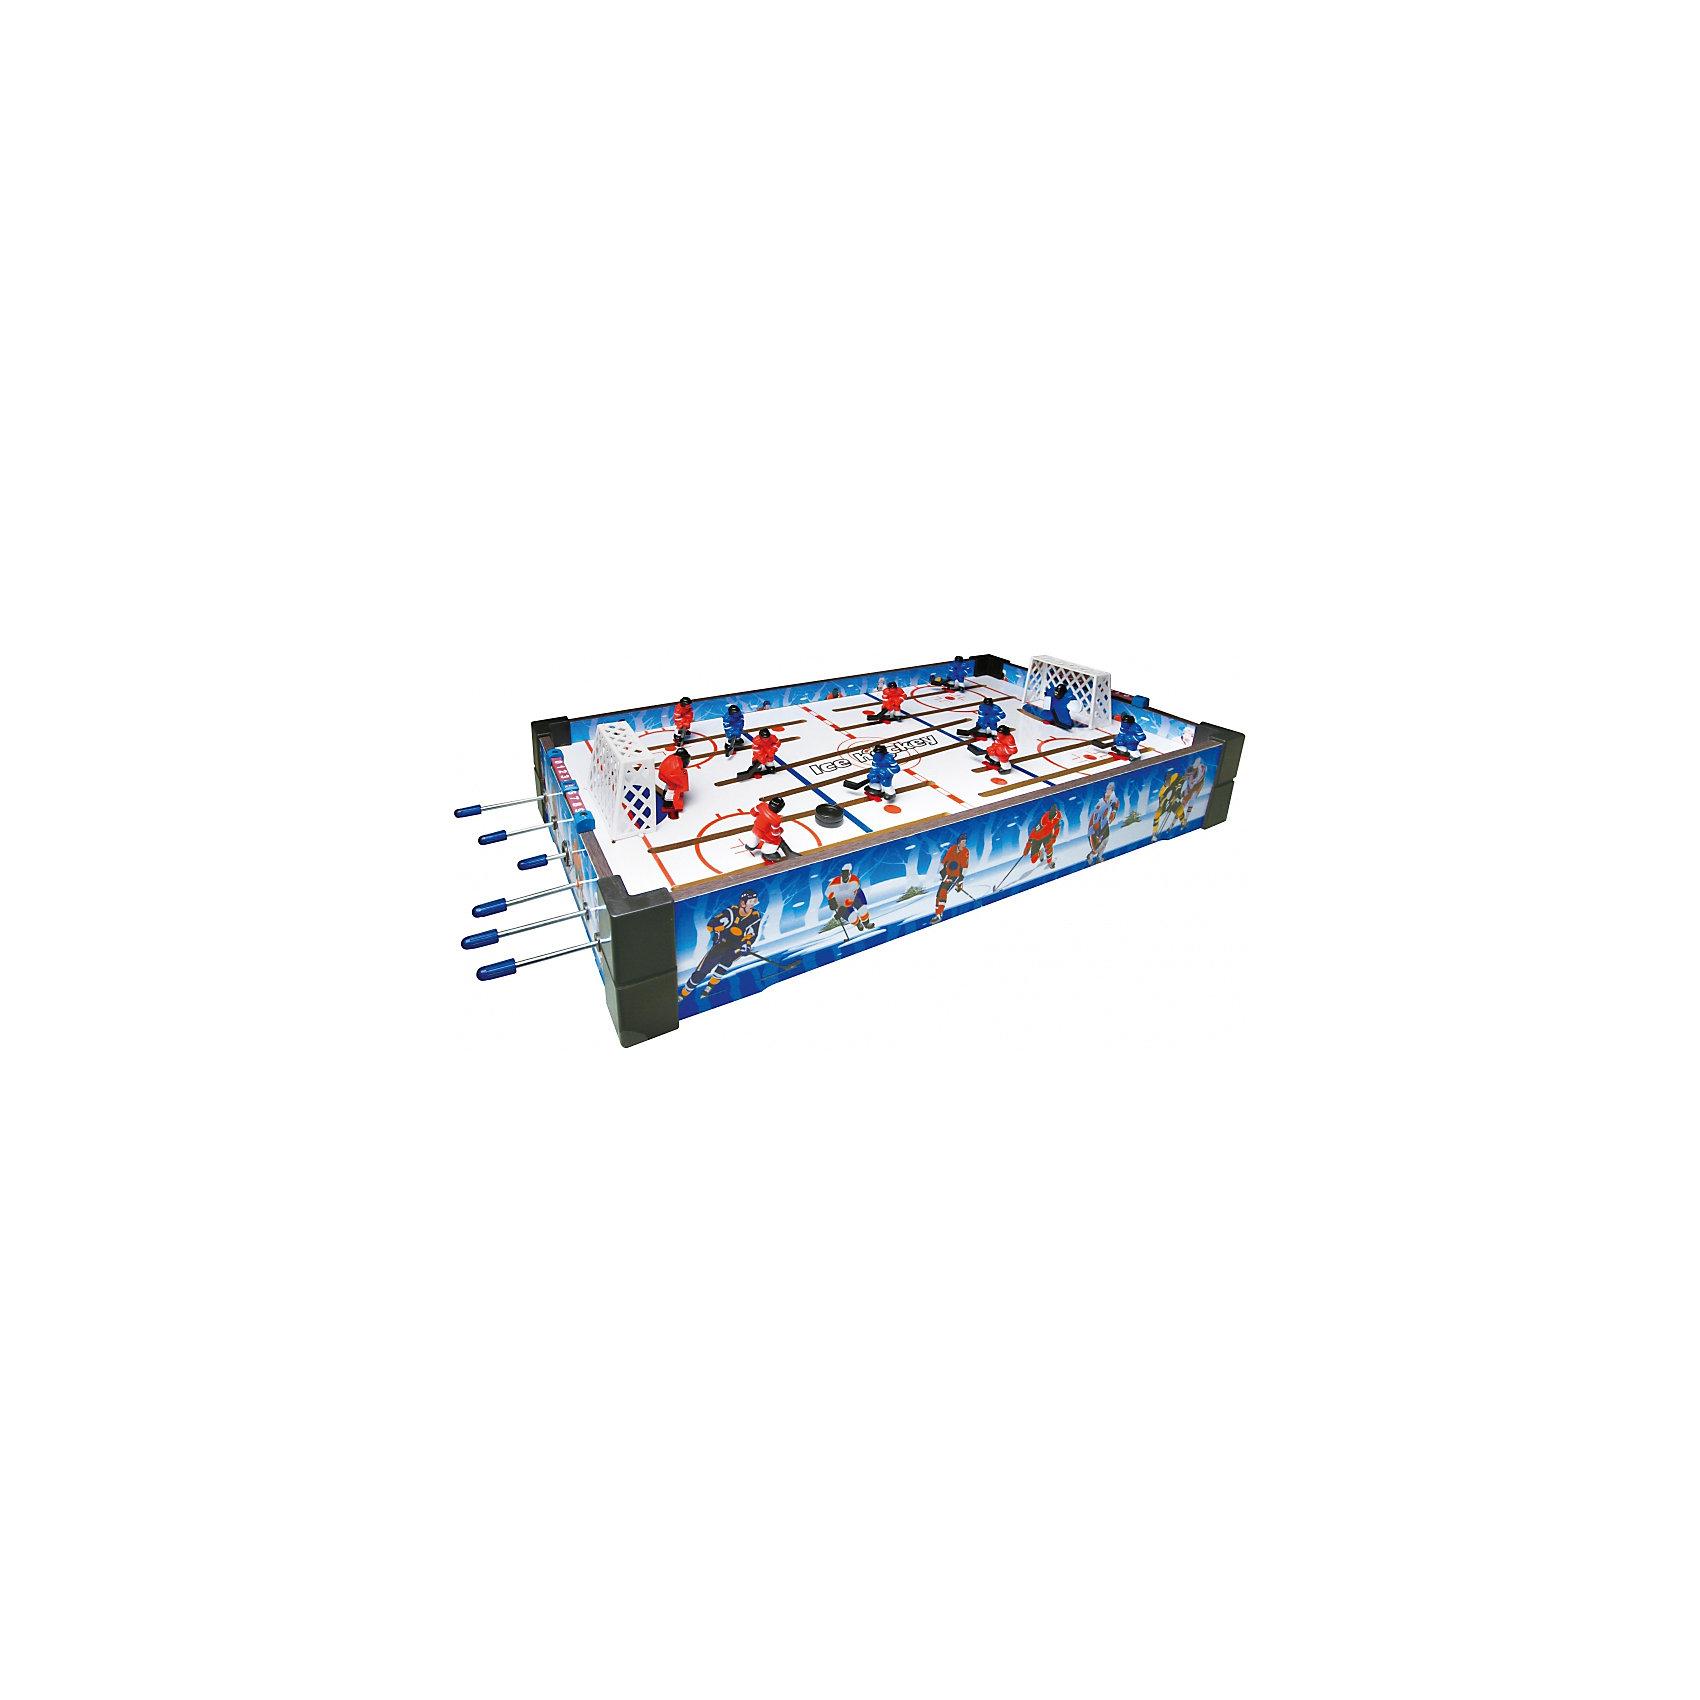 Настольная игра Хоккей, ZilmerИгры для развлечений<br>Характеристики товара:<br><br>• материал: пластик<br>• размер поля: 60x30x10 см<br>• комплектация: поле, 6 ручек, 2 шайбы, правила, инструкция<br>• настольная<br>• возраст: от 3 лет<br>• вес: 1 кг<br>• страна производства: Китай<br><br>Настольная игра Хоккей - это отличный способ помочь развитию ребенка. Она способствует скорейшему развитию пространственного мышления, логики, аналитических способностей, ловкости и упорства. Помимо этого, играть в неё - очень увлекательное занятие!<br><br>Цель в том, чтобы забить сопернику гол с помощью своих игроков. Для этого нужно выбирать - какого хоккеиста необходимо задействовать в данный момент, а потом быстро двигать его с помощью ручки. Отличный способ весело провести время с друзьями!<br><br>Настольную игру Хоккей, от бренда Zilmer можно купить в нашем интернет-магазине.<br><br>Ширина мм: 620<br>Глубина мм: 315<br>Высота мм: 105<br>Вес г: 2600<br>Возраст от месяцев: 36<br>Возраст до месяцев: 72<br>Пол: Мужской<br>Возраст: Детский<br>SKU: 5471156